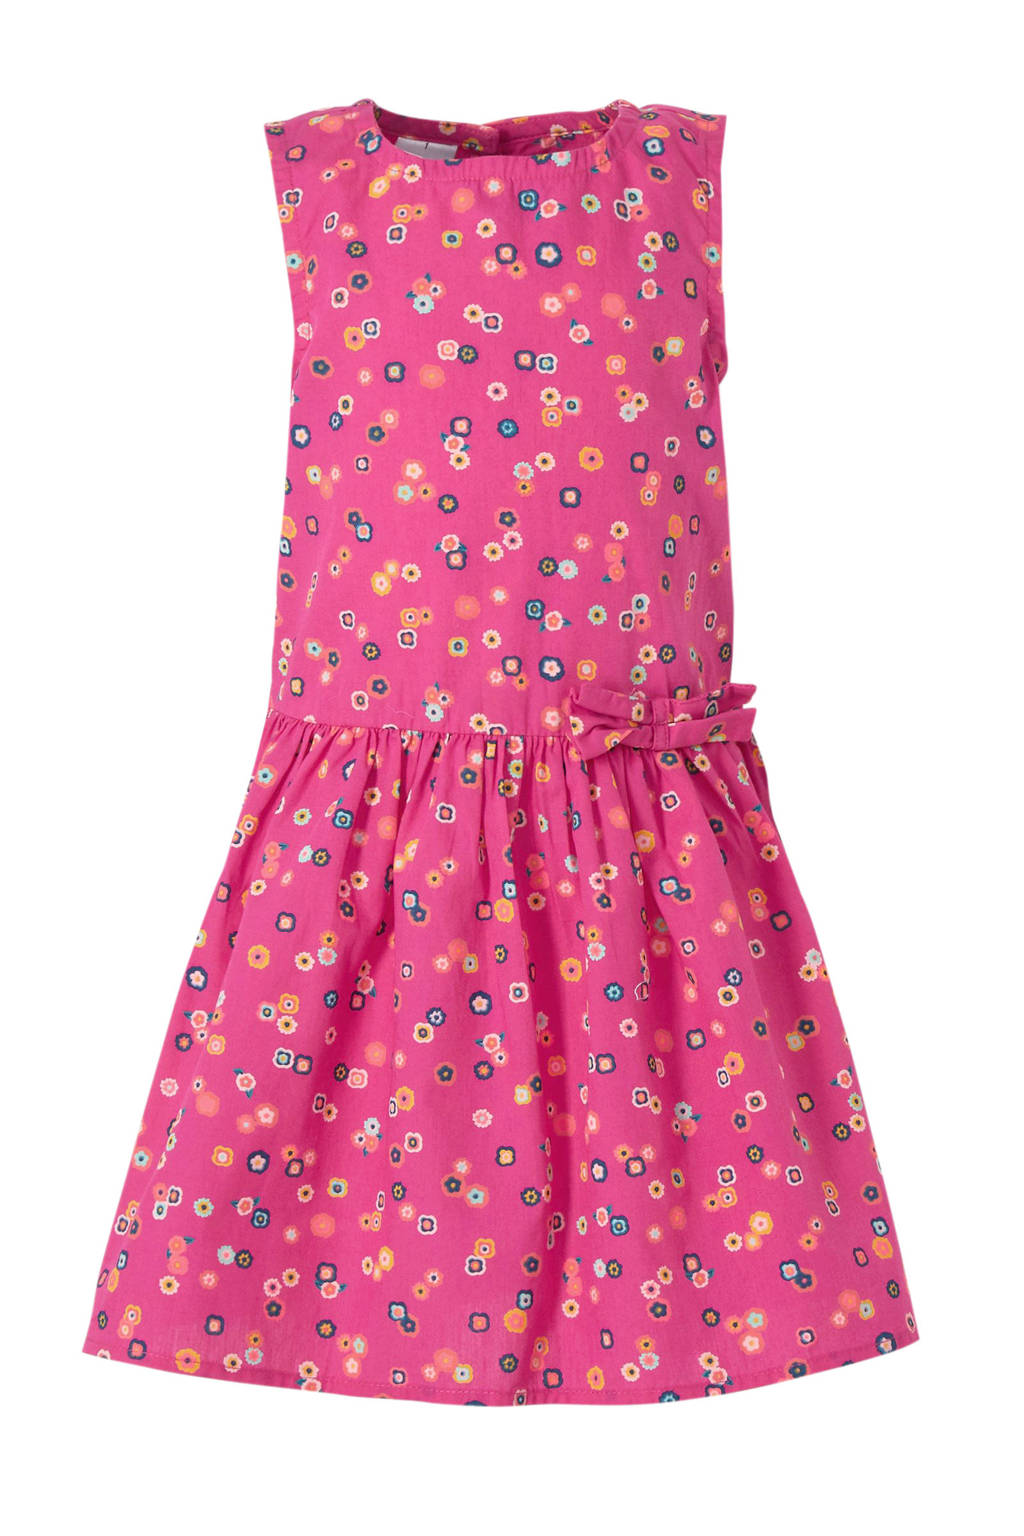 C&A Palomino gebloemde jurk roze, Roze/Geel/Blauw